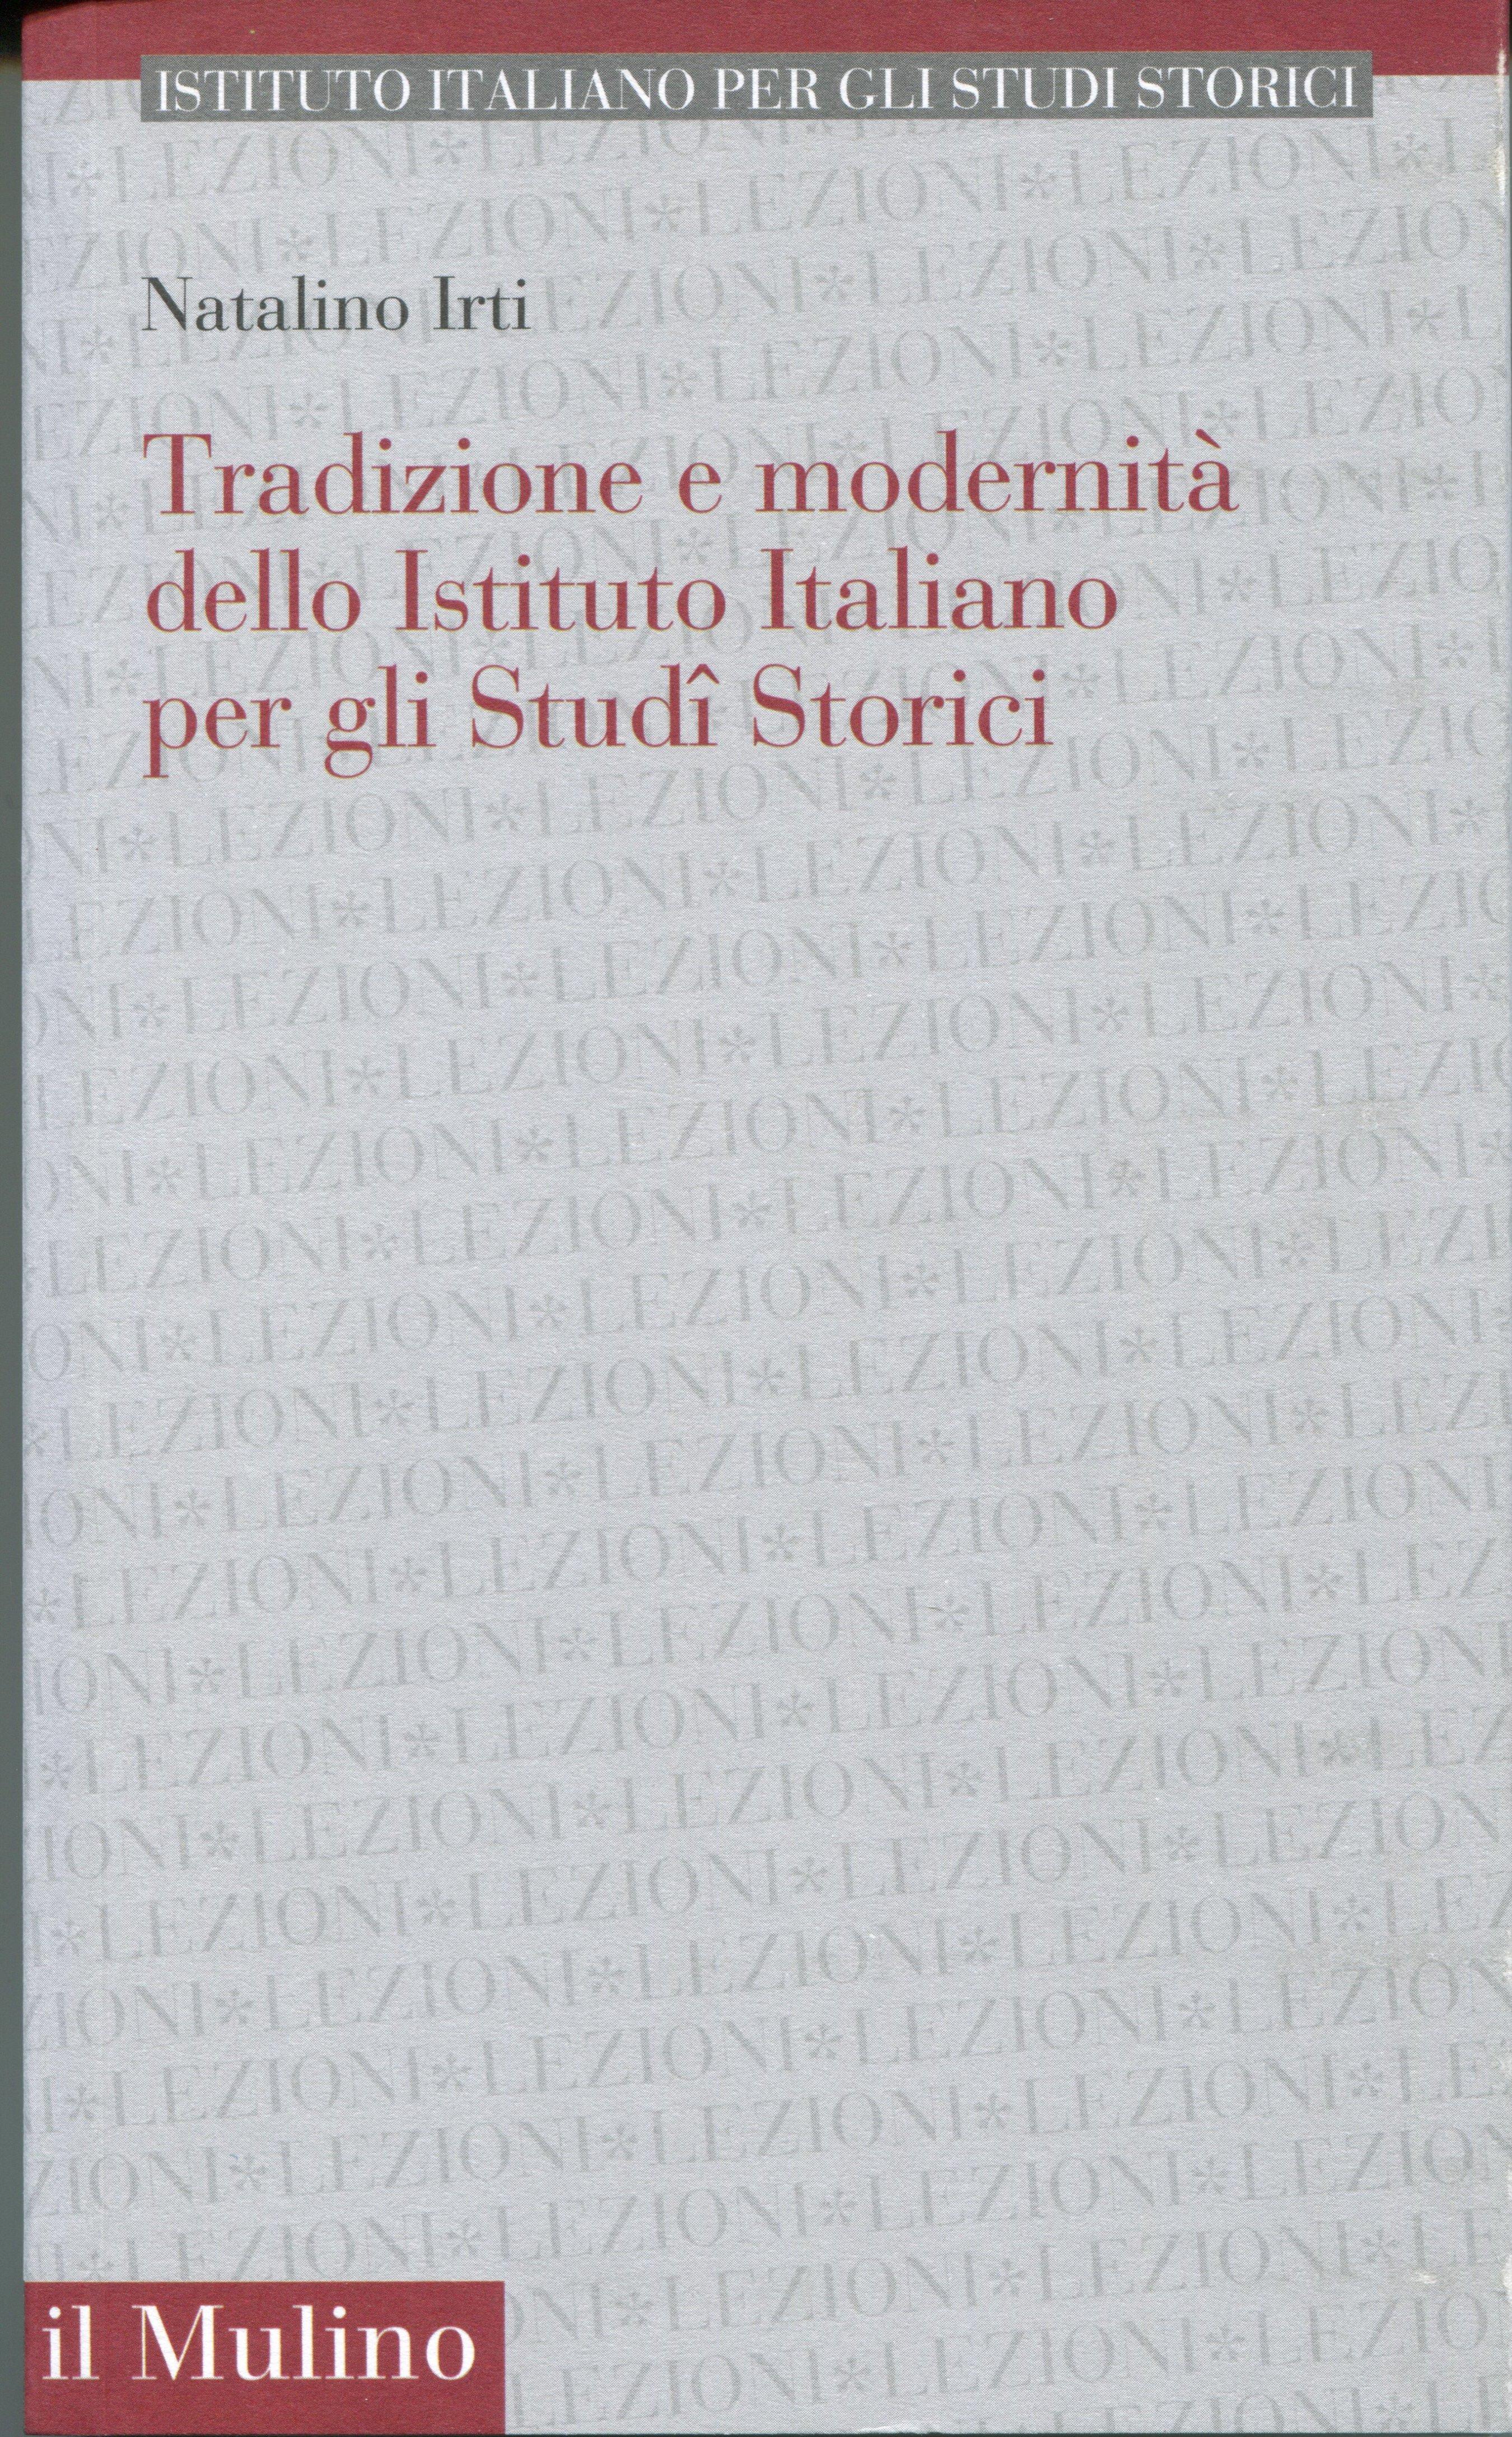 """Pubblicazione del volume di Natalino Irti, Tradizione e modernità dell'Istituto italiano per gli Studî Storici, nella collana """"Lezioni"""""""